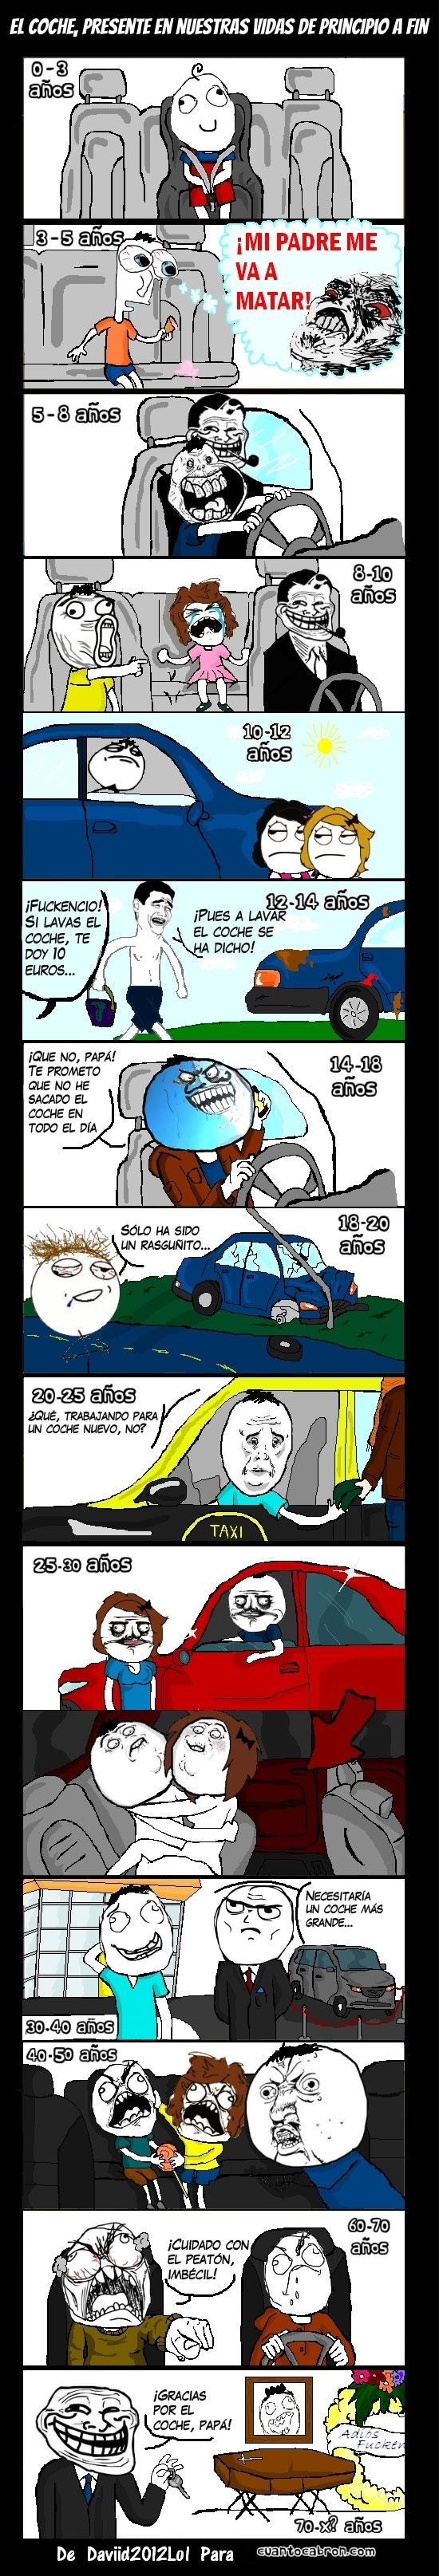 Mix - El coche a lo largo de la vida